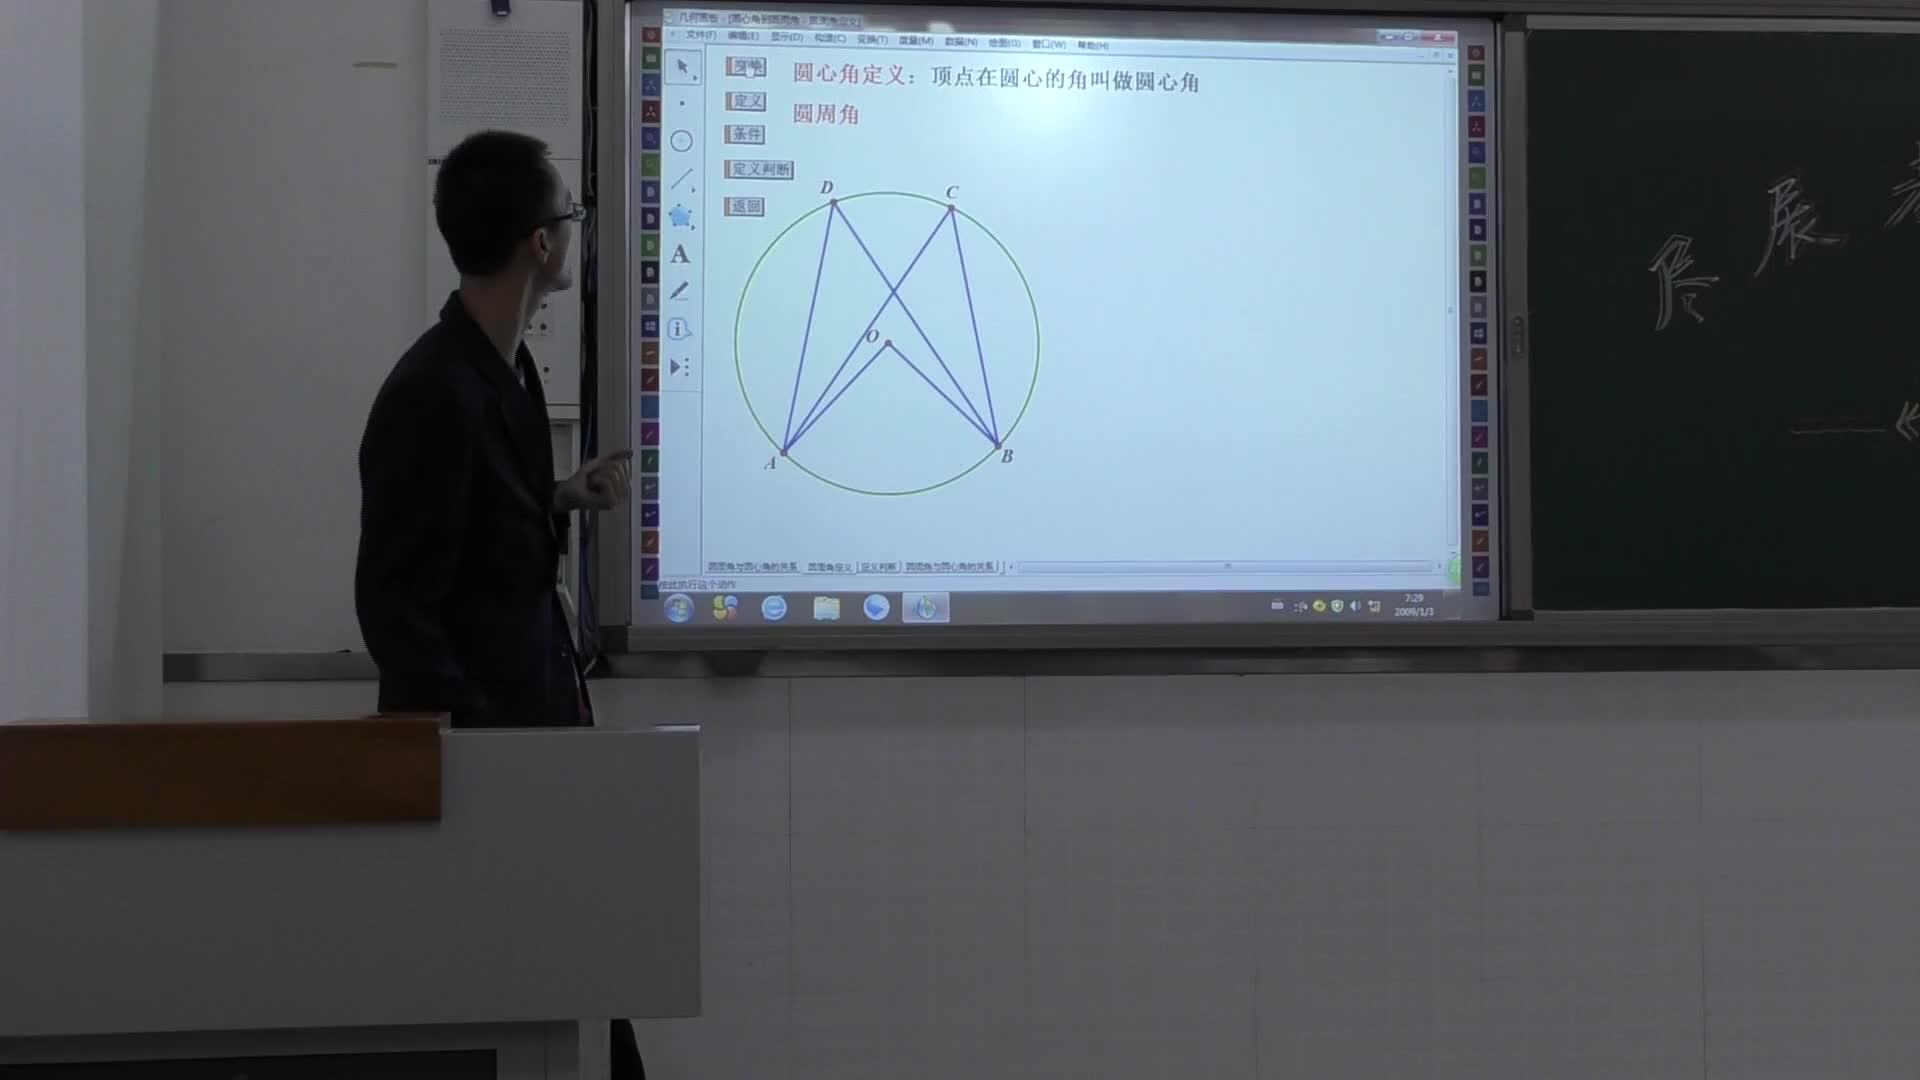 人教版 九年级数学上册 圆周角与圆心角的关系-视频说课